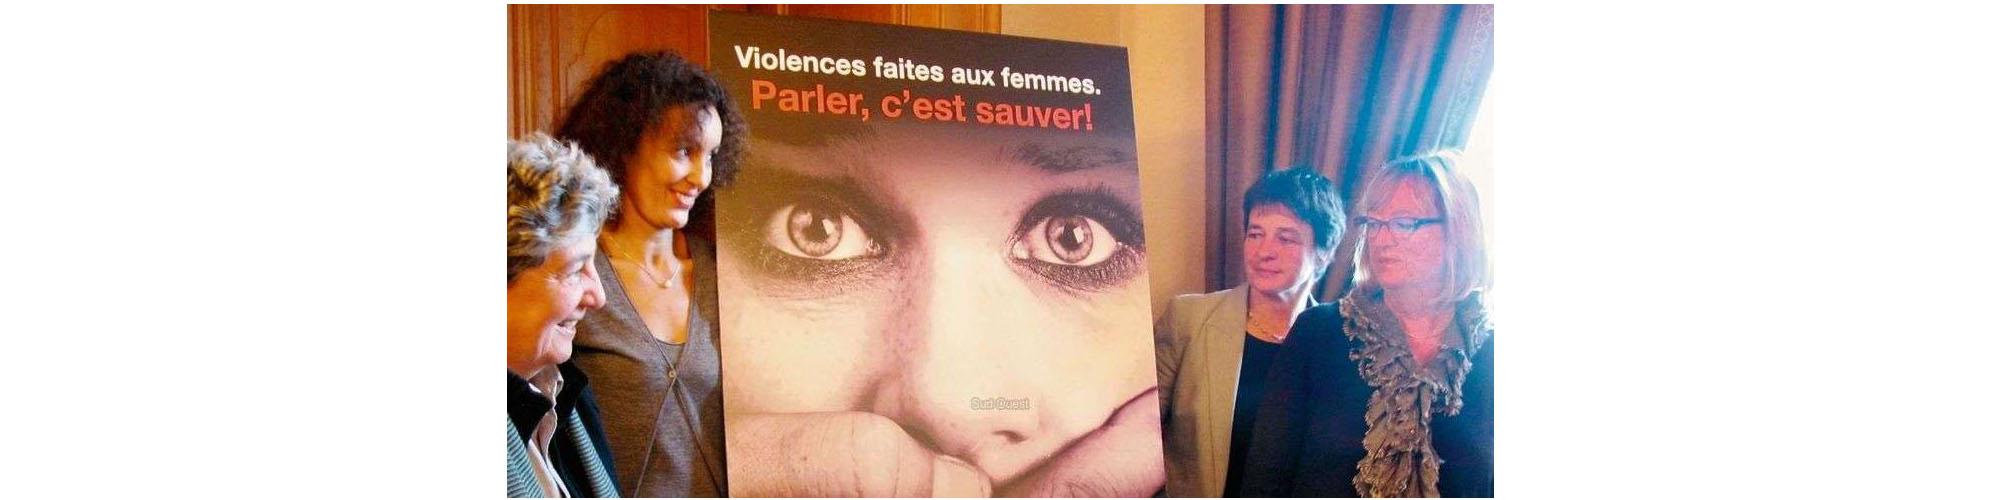 Bayonne violences faites aux femmes